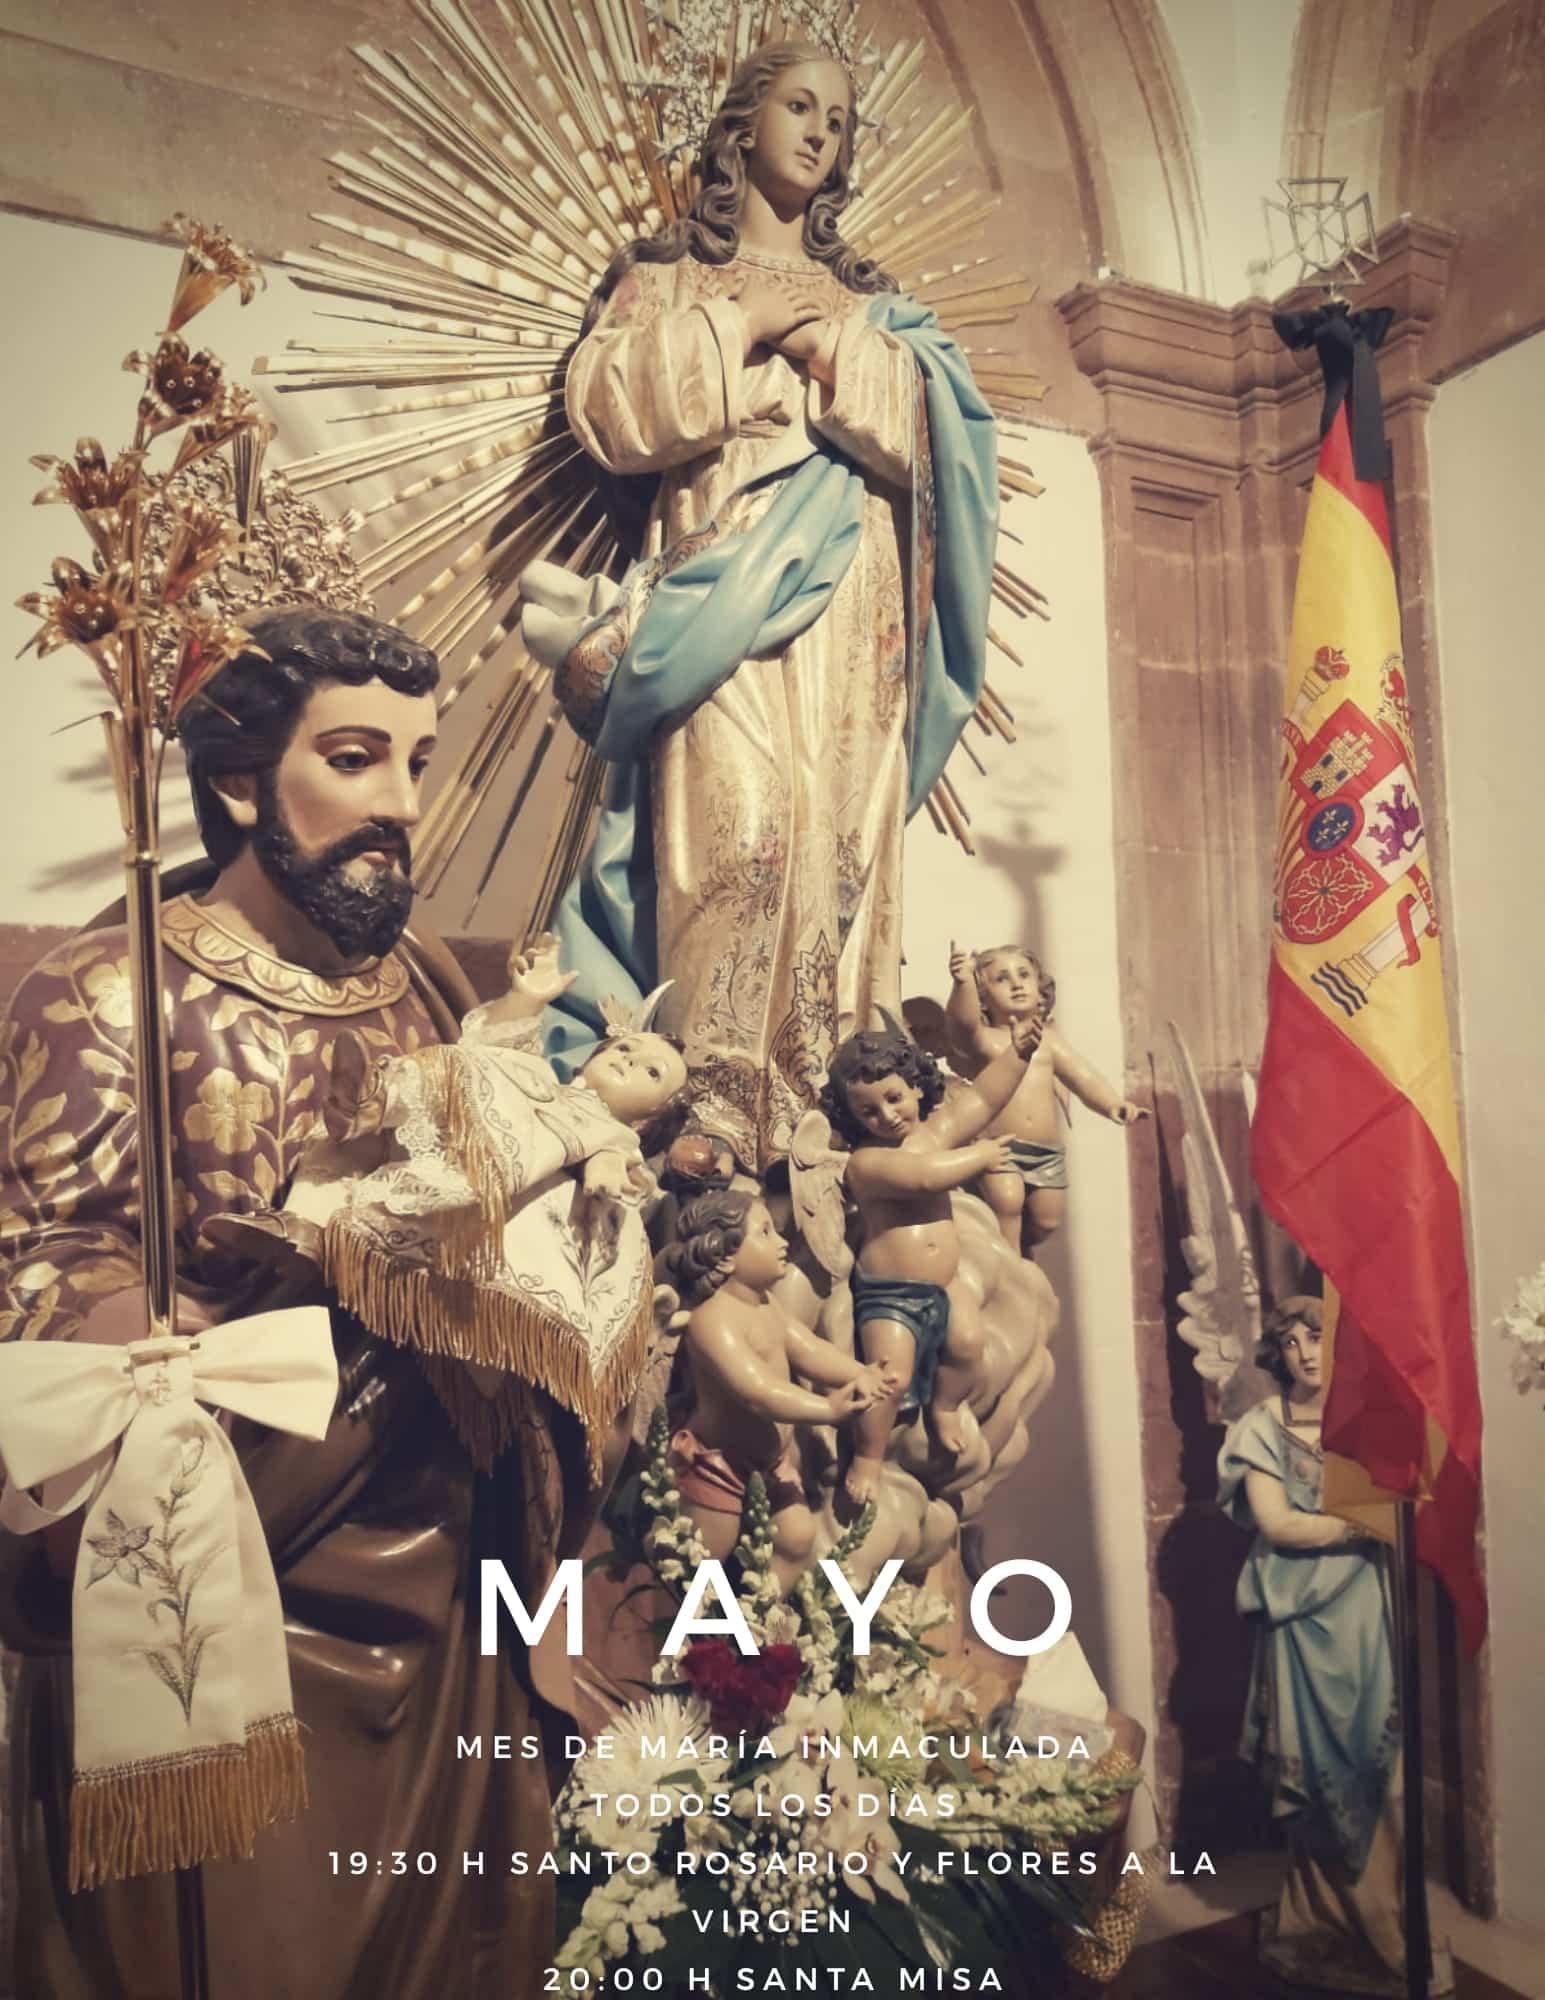 La parroquia Inmaculada Concepción inicia un mes de mayo dedicado a María 16